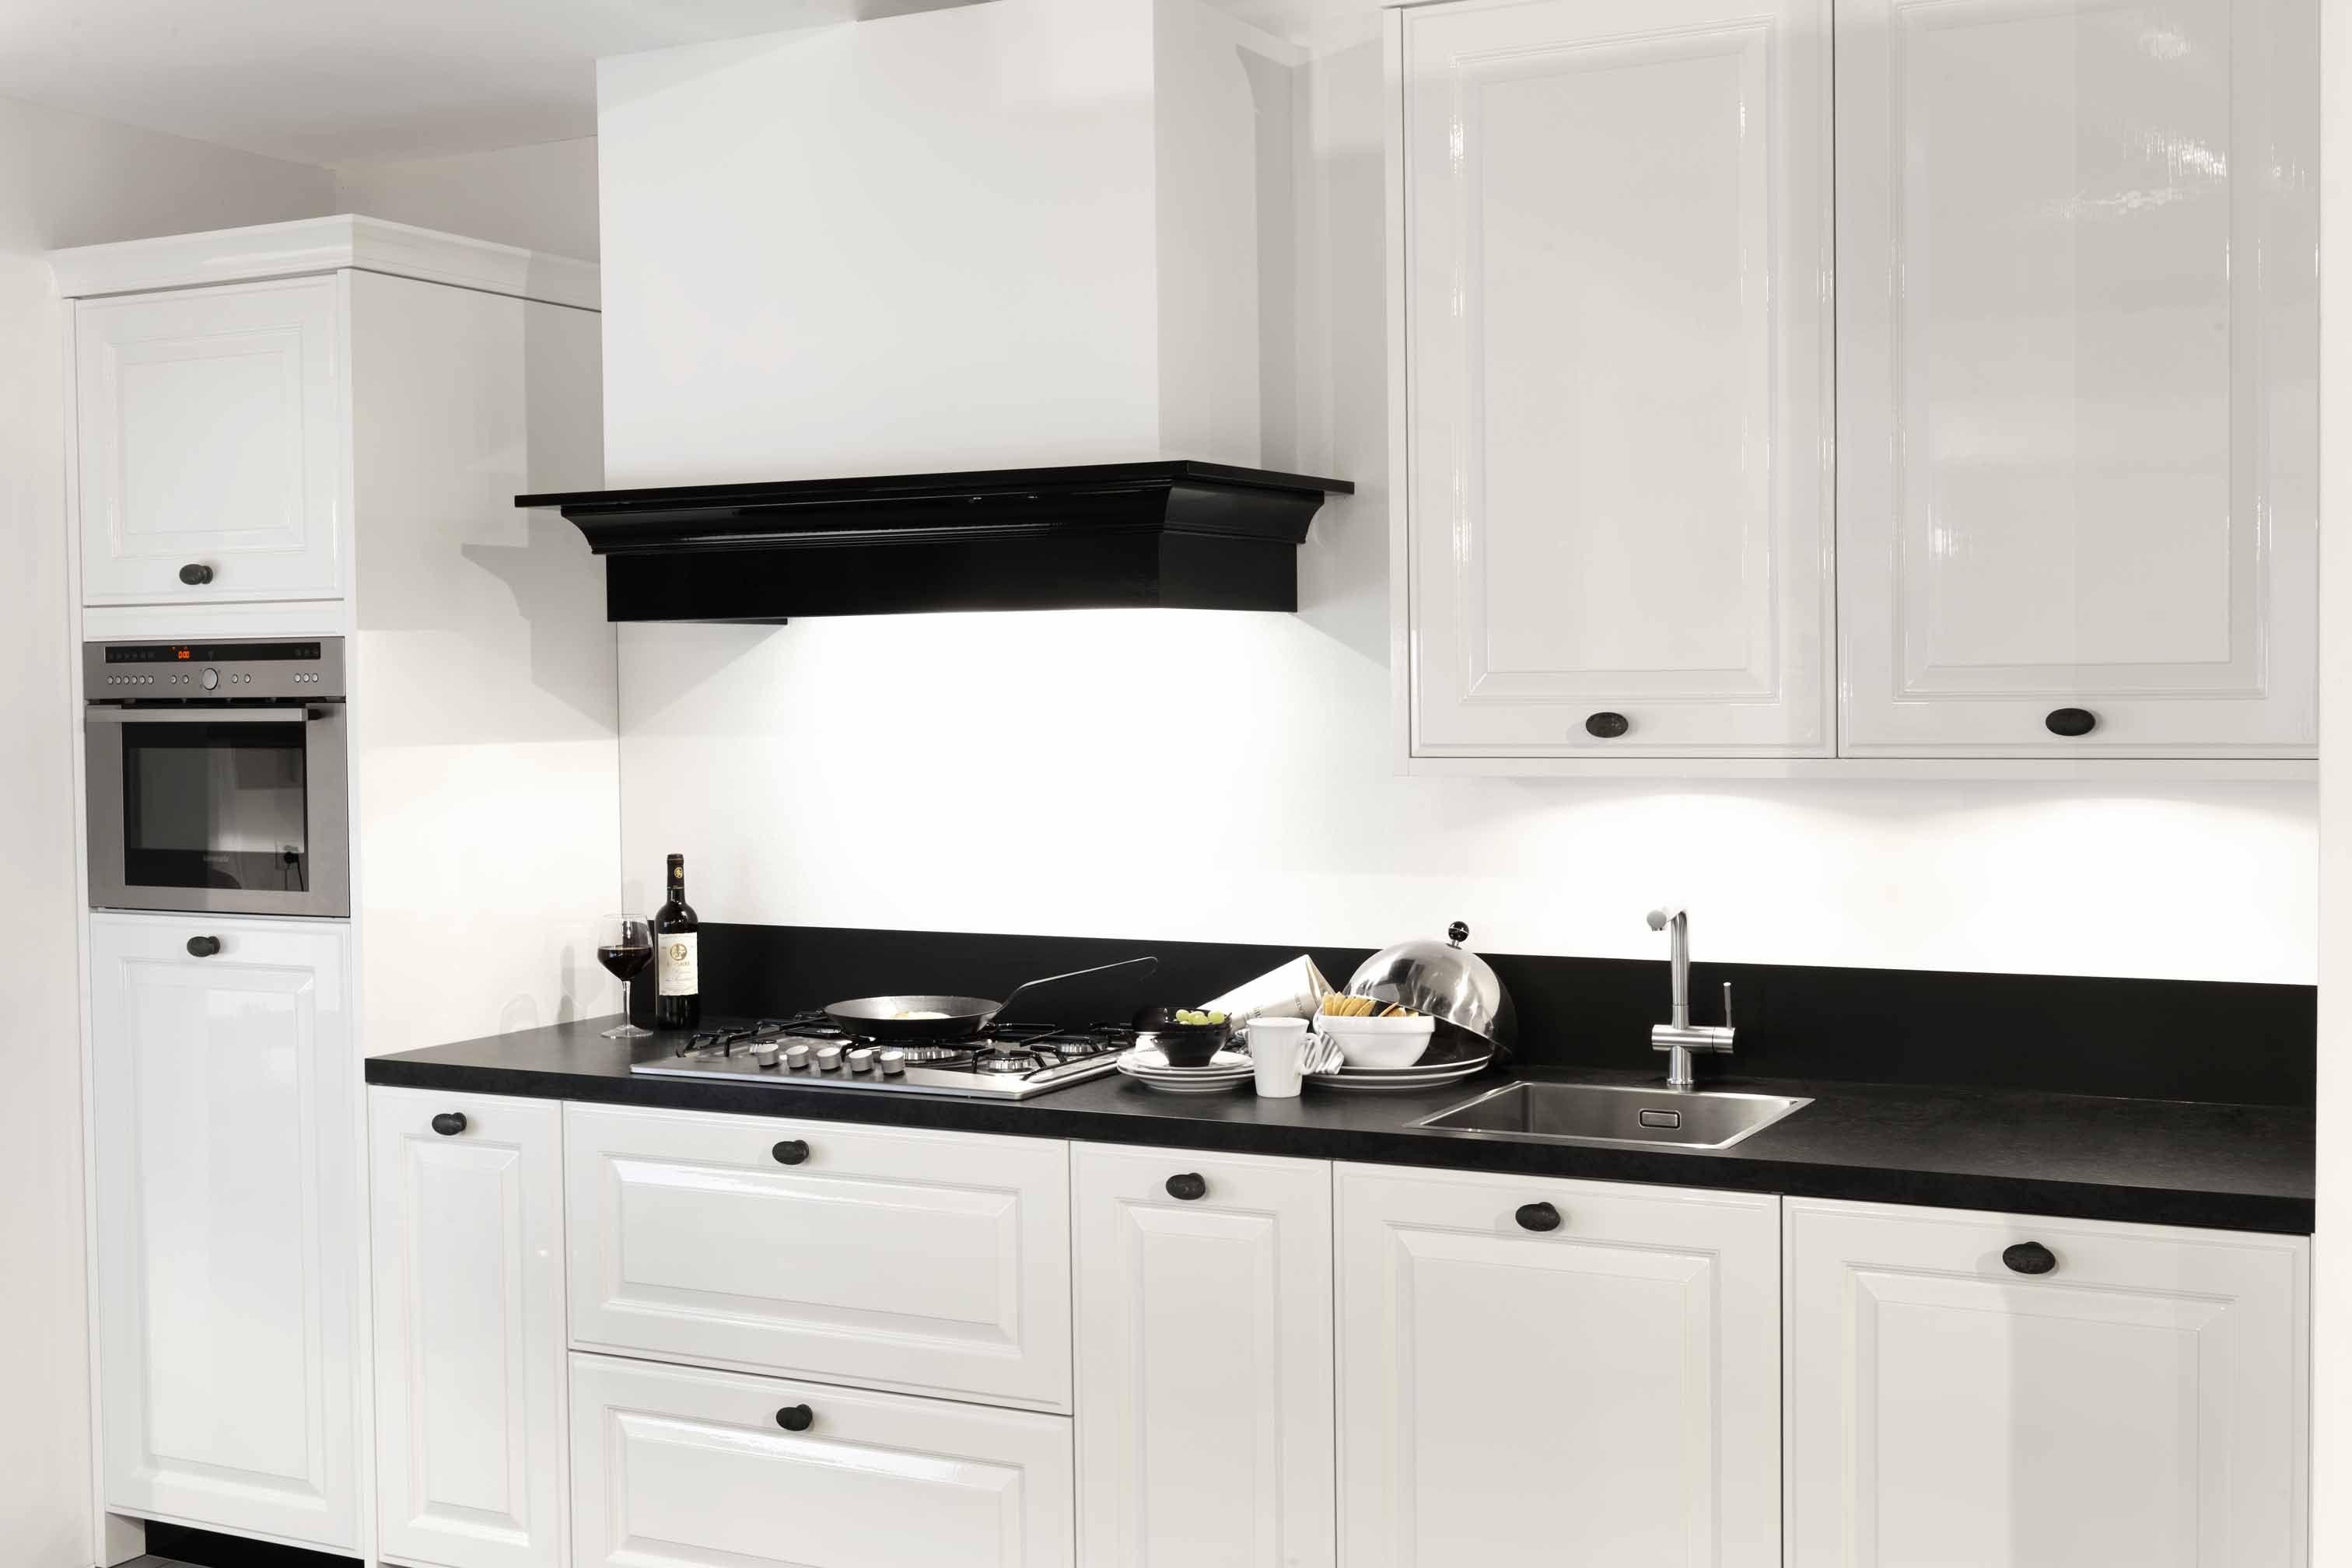 Keukenprijs altijd de beste keukenprijs hoogglans gelakte rechte keuken kooi 8 47123 - De beste hedendaagse keukens ...